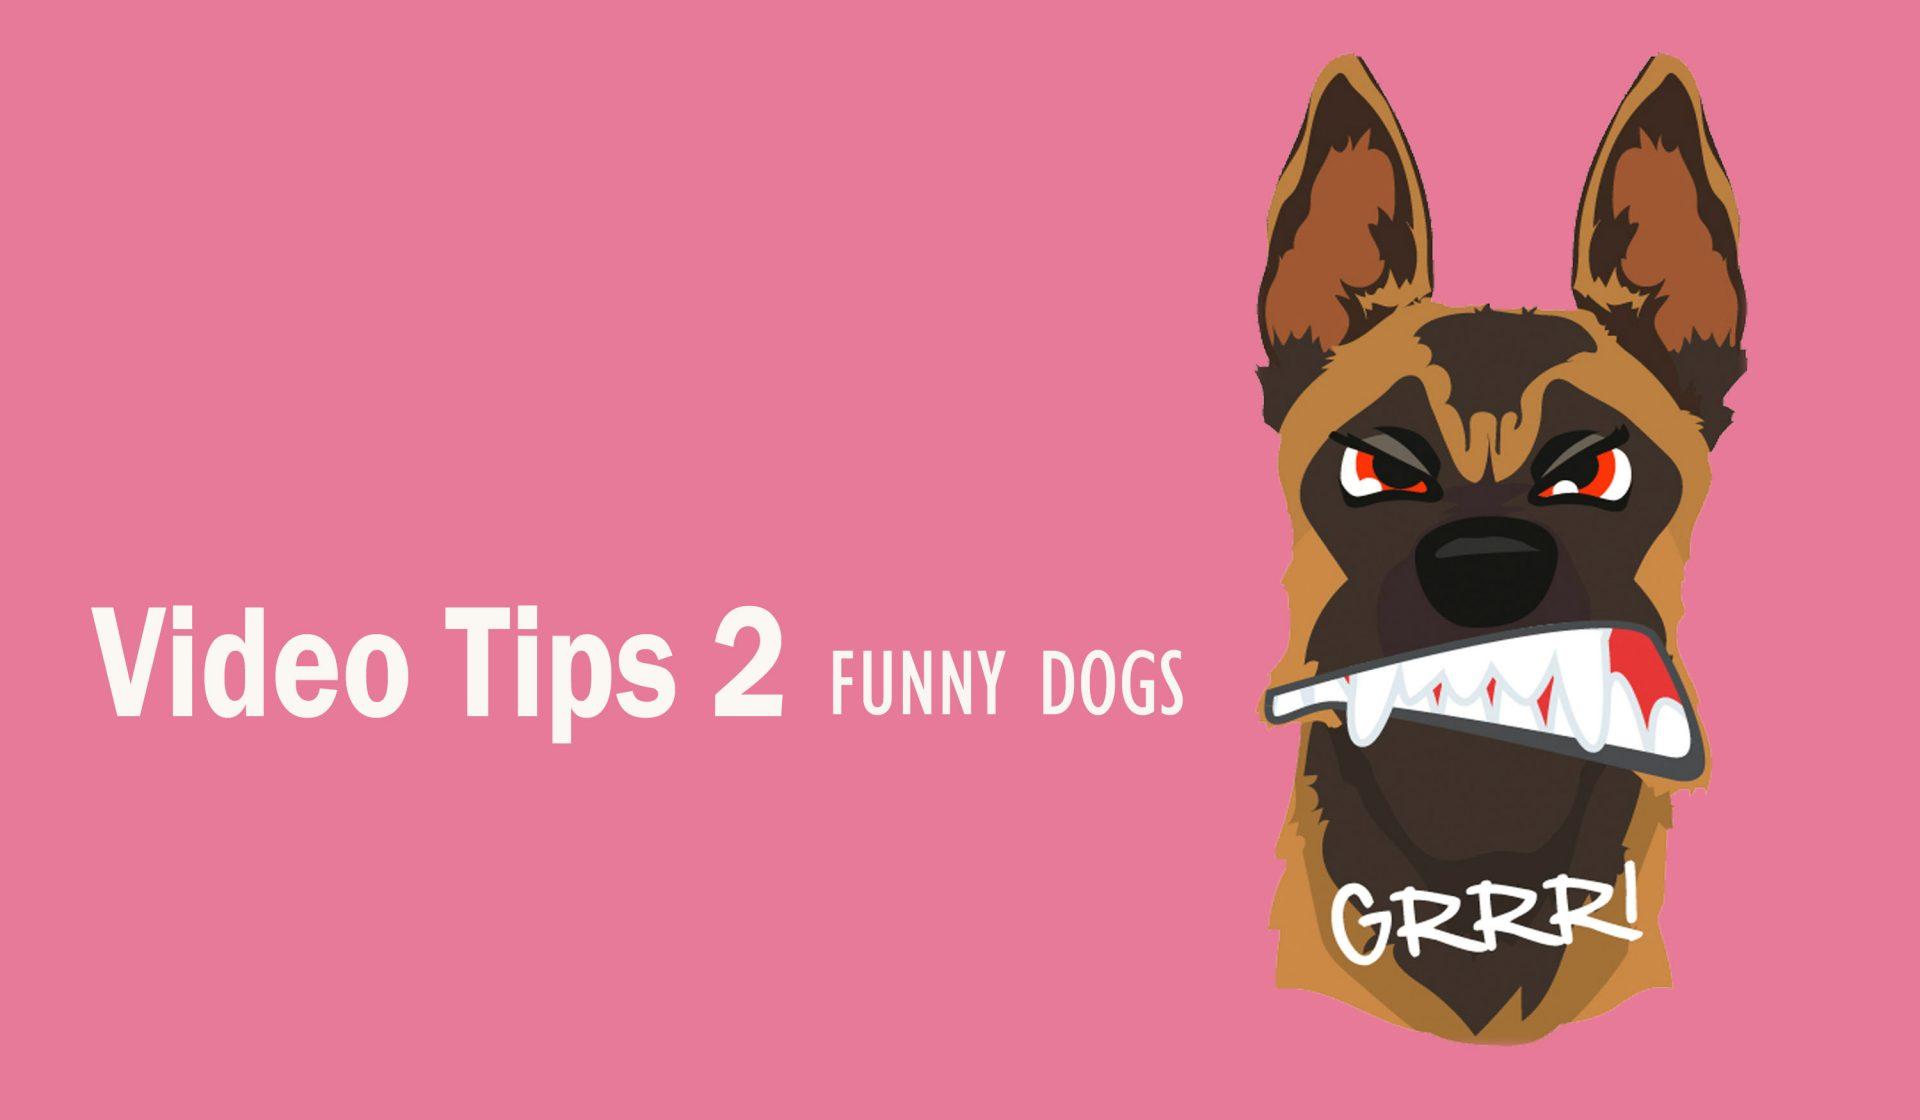 Prevernir mordidas de perros a niños – Vídeo Consejo 2